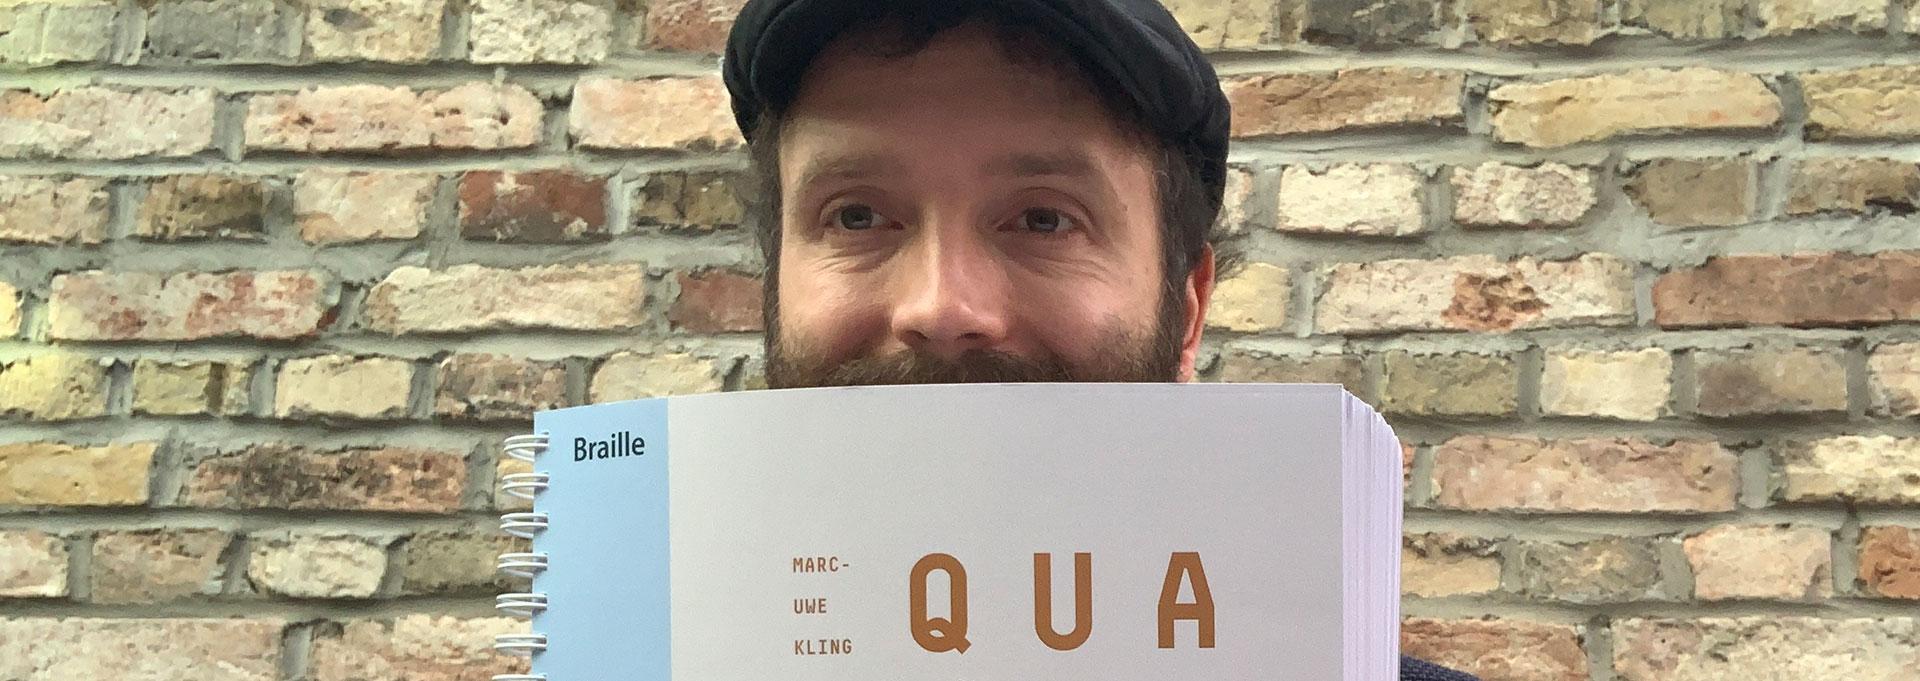 """Marc-Uwe-Kling mit dem übertragenen Braille-Buch """"Qualityland"""""""